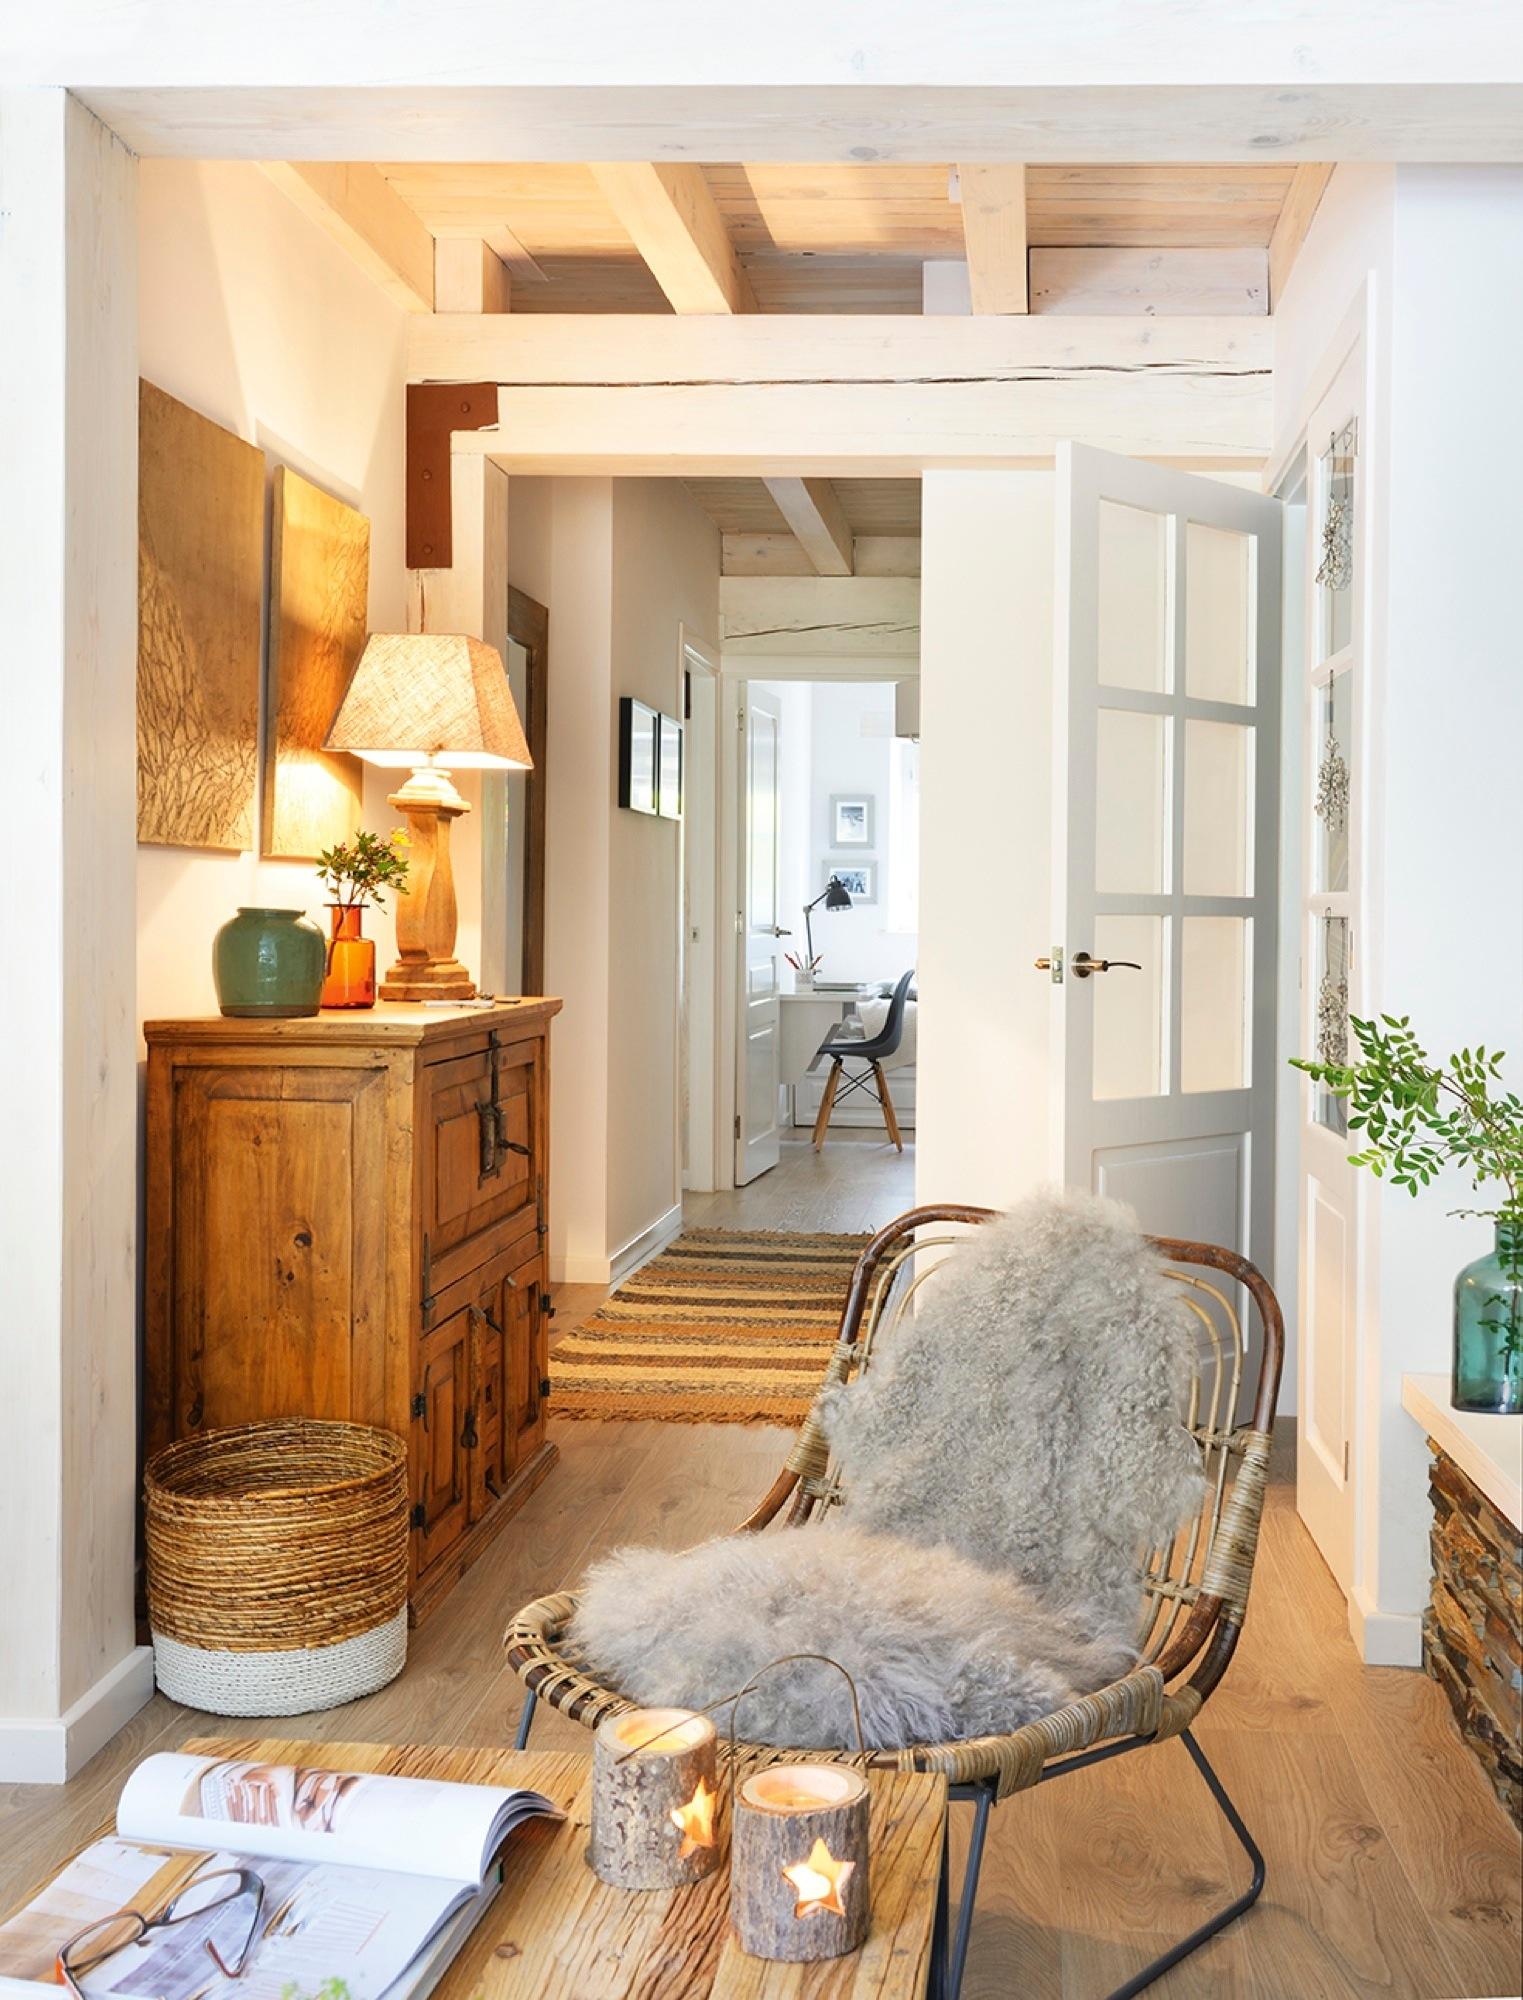 Recibidores los mejores 50 de el mueble - Muebles para recibidores ...